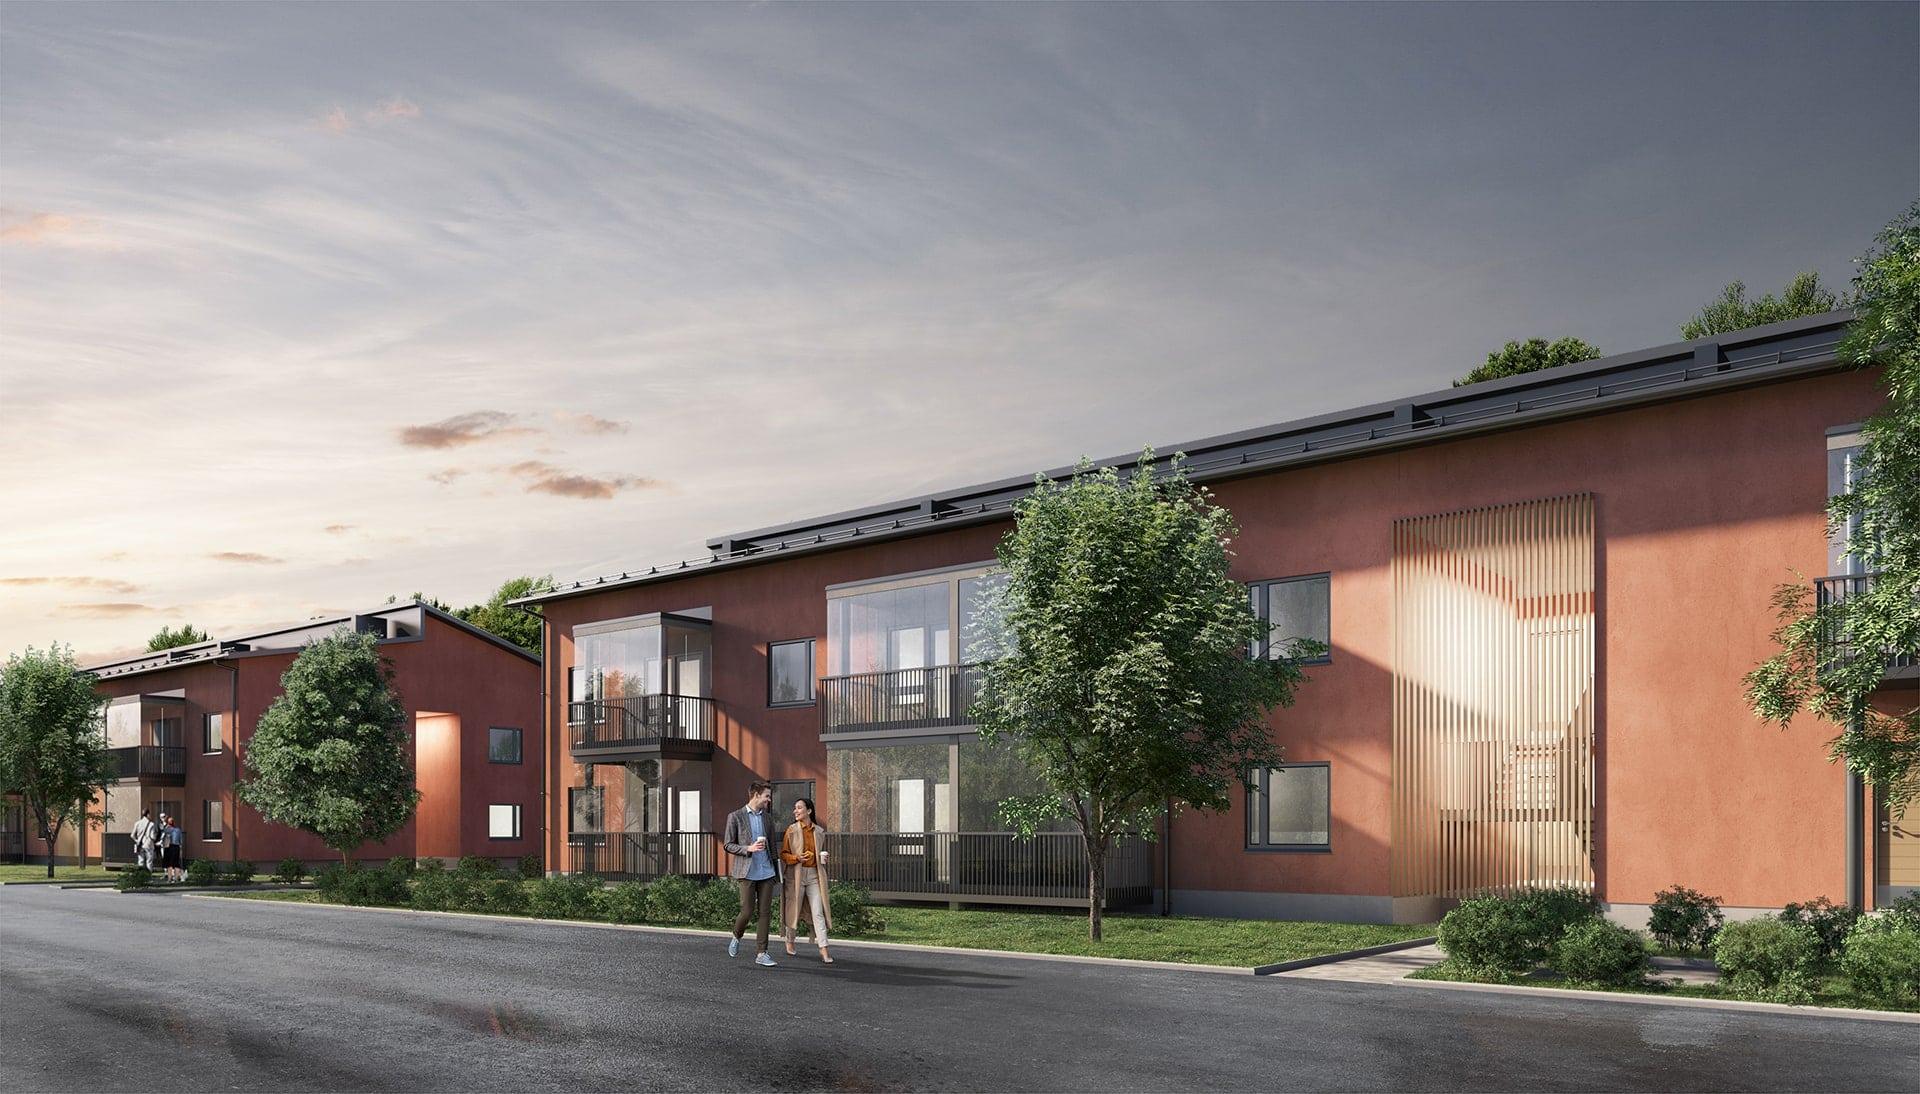 Kaksikerroksiset luhtitalot valmistuvat Kirkkonummen Laajakallion alueelle syksyllä 2022.